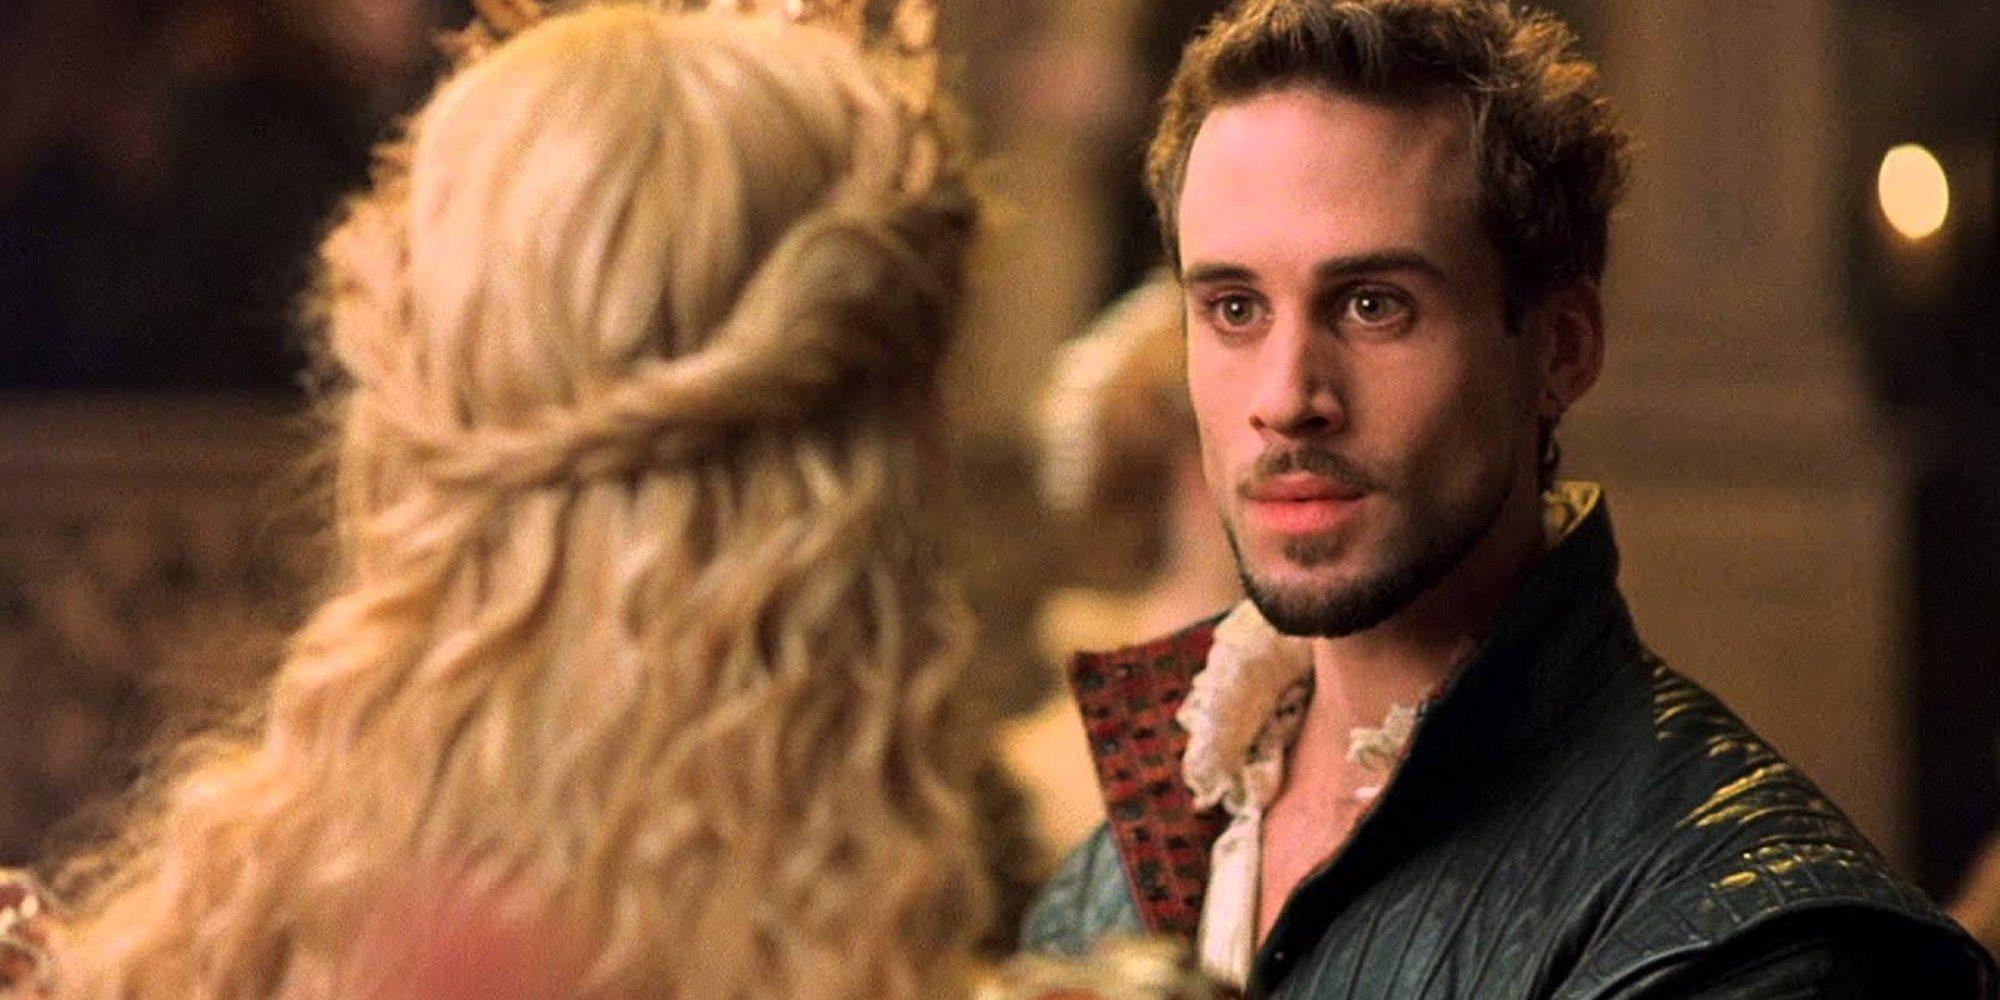 'Shakespeare in Love' y otras películas que recuerdan a grandes leyendas del arte, la literatura y la música